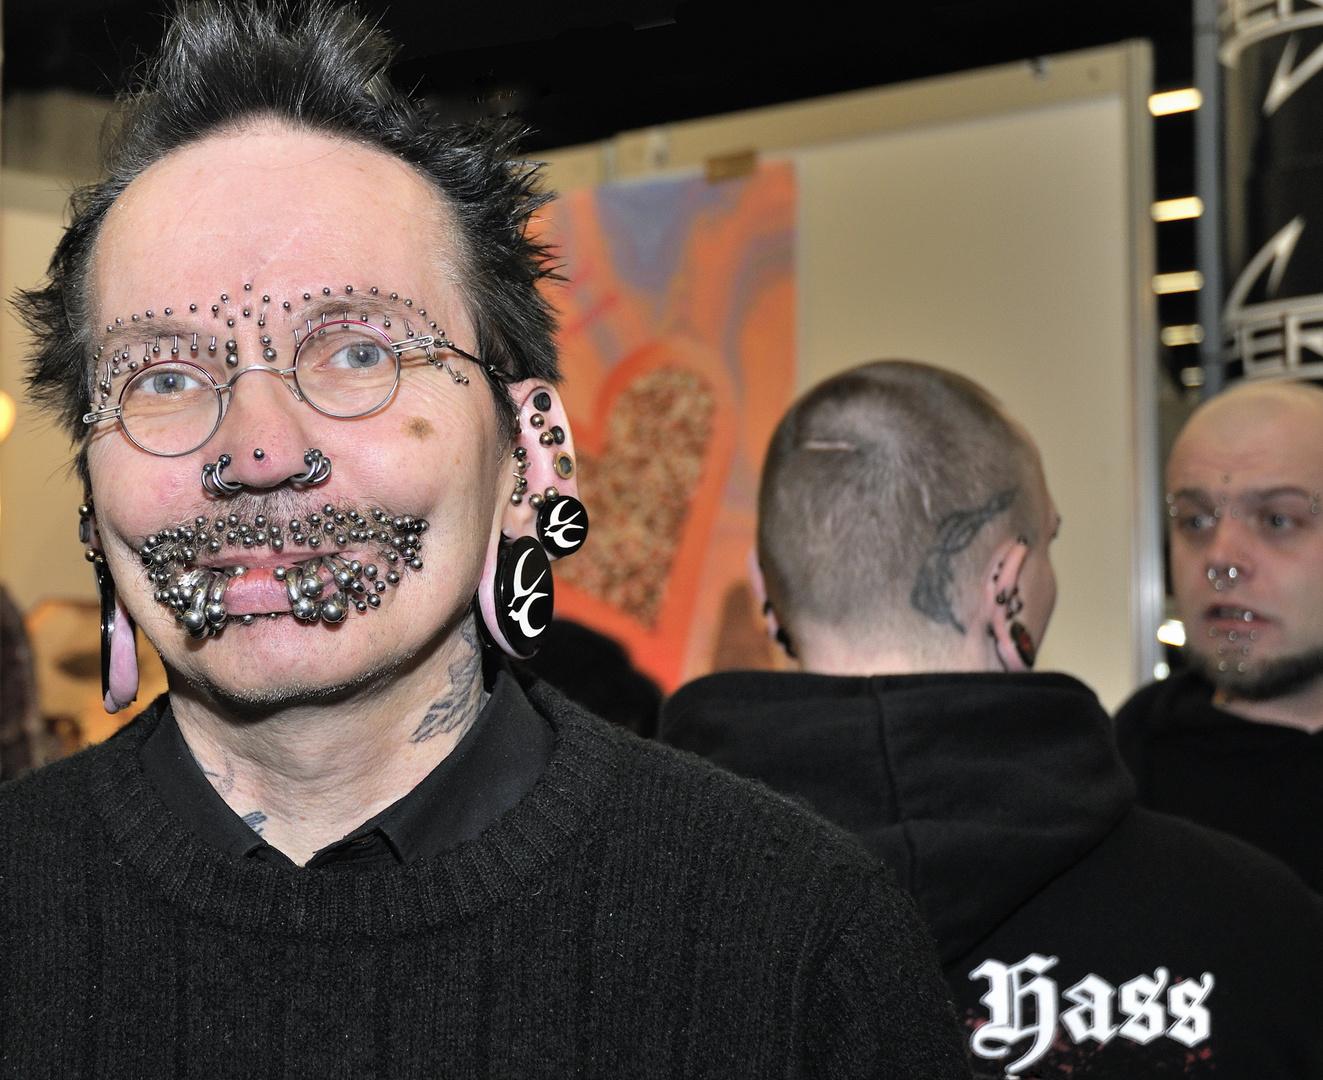 Rolf Buchholz, 453